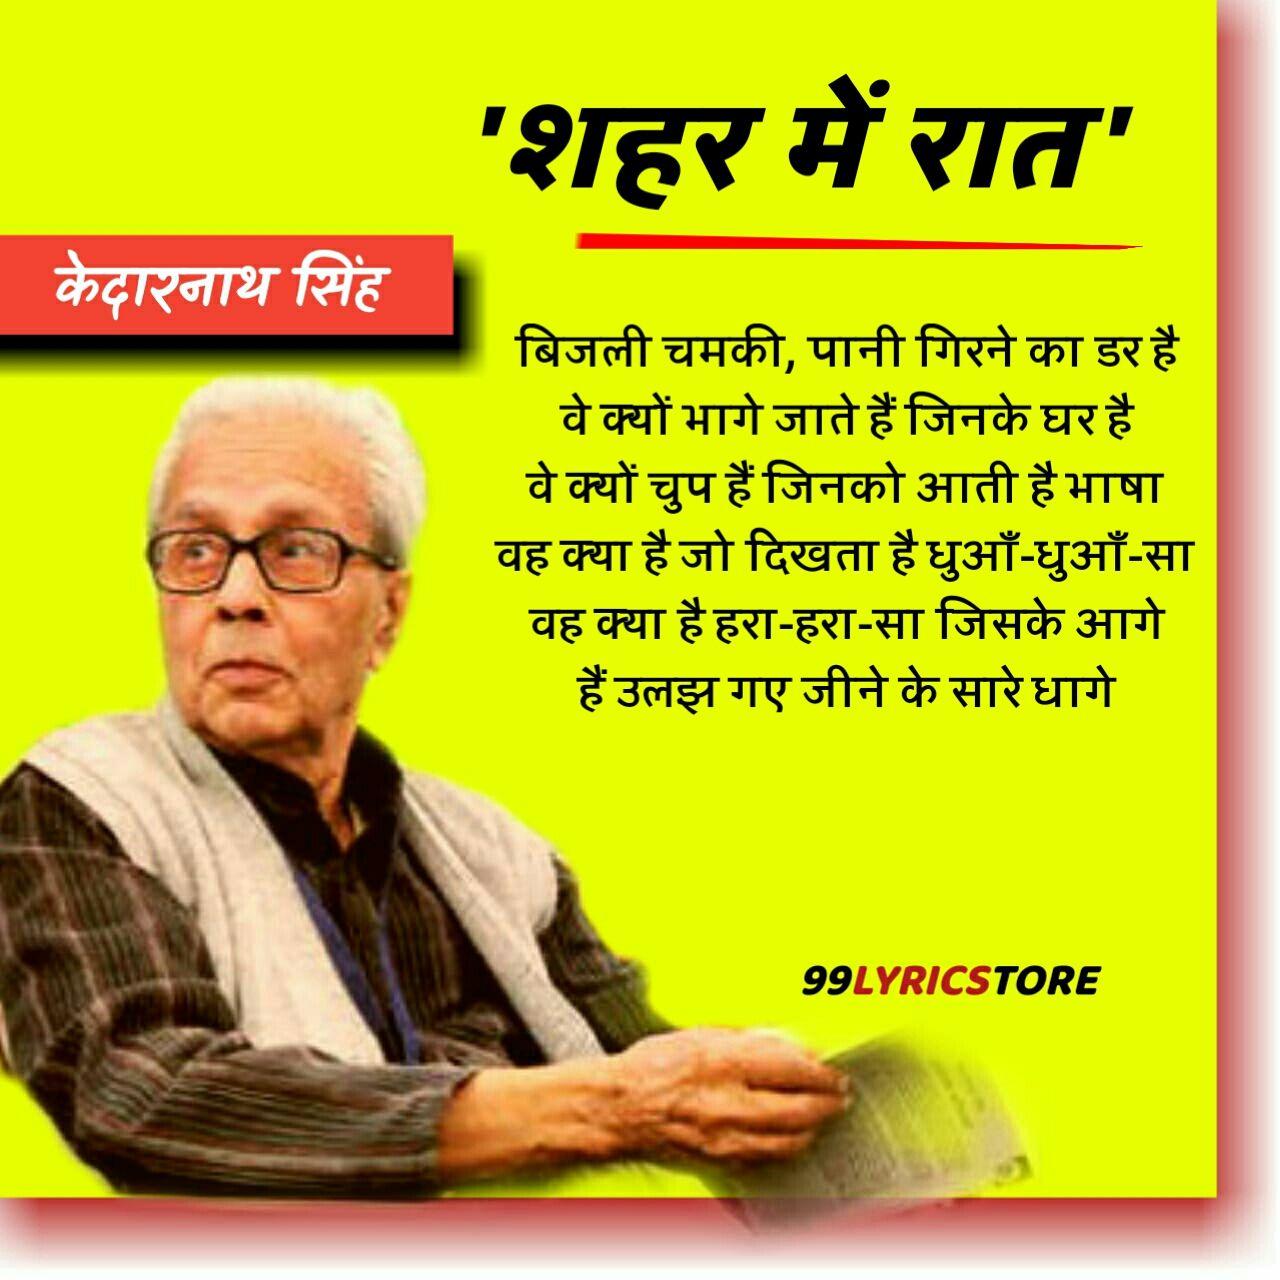 'शहर में रात' कविता केदारनाथ सिंह जी द्वारा लिखी गई एक हिन्दी कविता है।